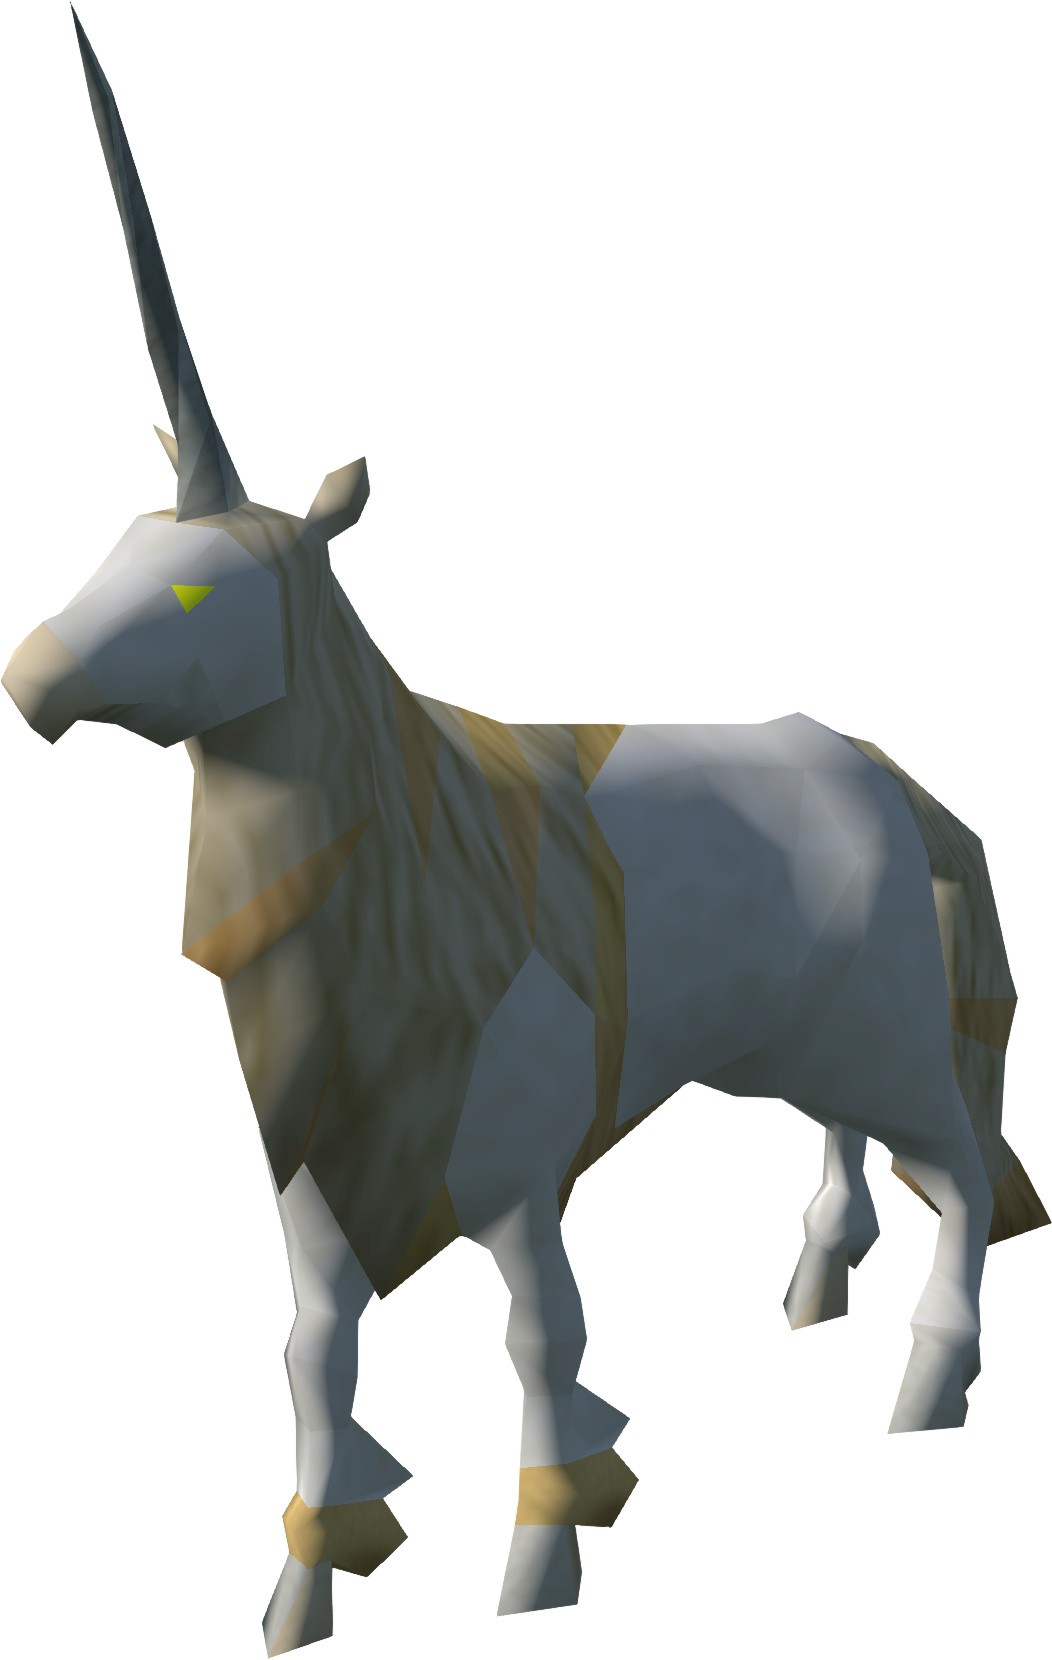 Datei:Unicorn stallion.png